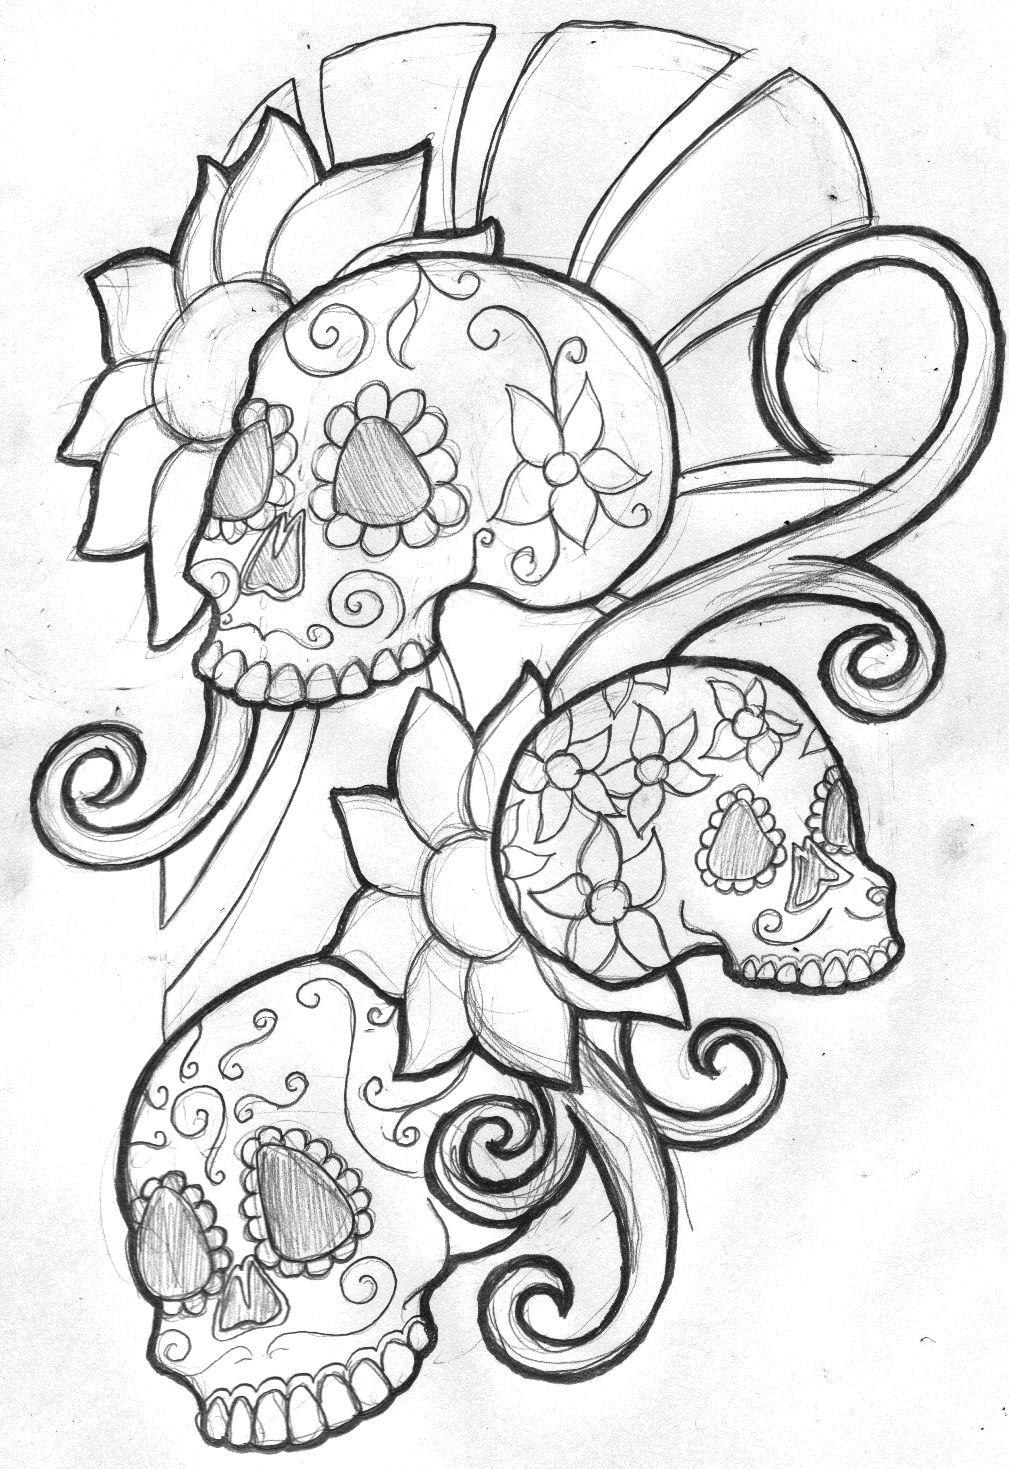 colorful sugar skull sugar skull coloring page free printable coloring pages skull sugar colorful